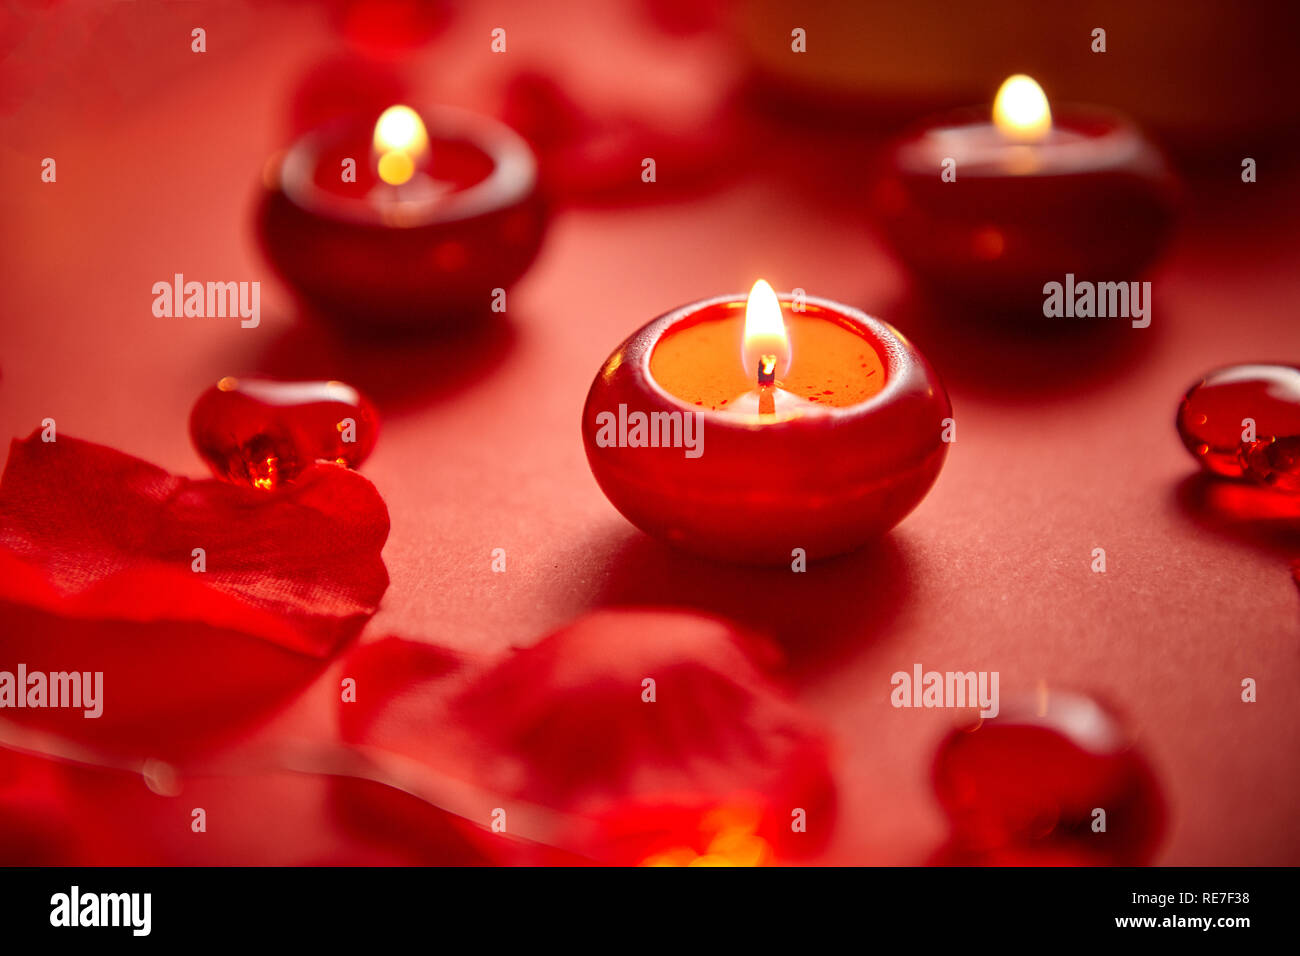 Cena Romántica Decoración Velas Rojas Pétalos De Flores